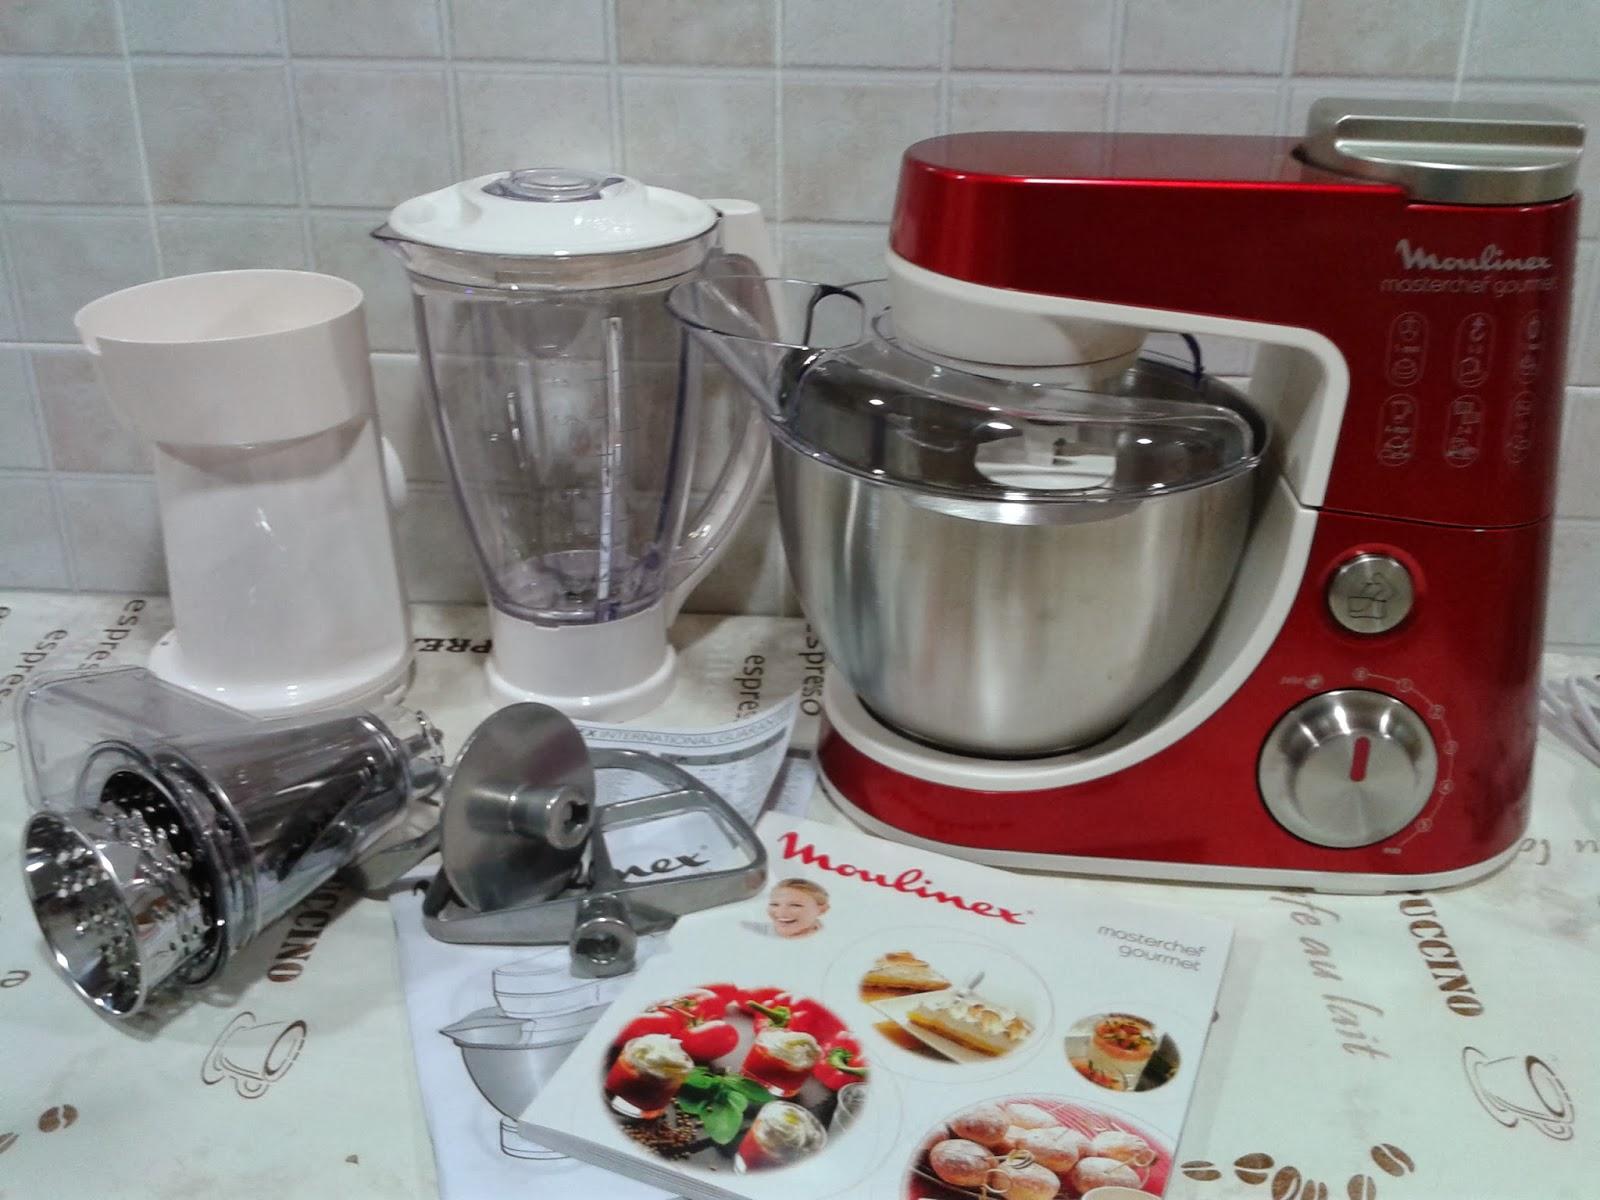 Recetas con encanto estrenando mi masterchef gourmet for Robot cocina masterchef